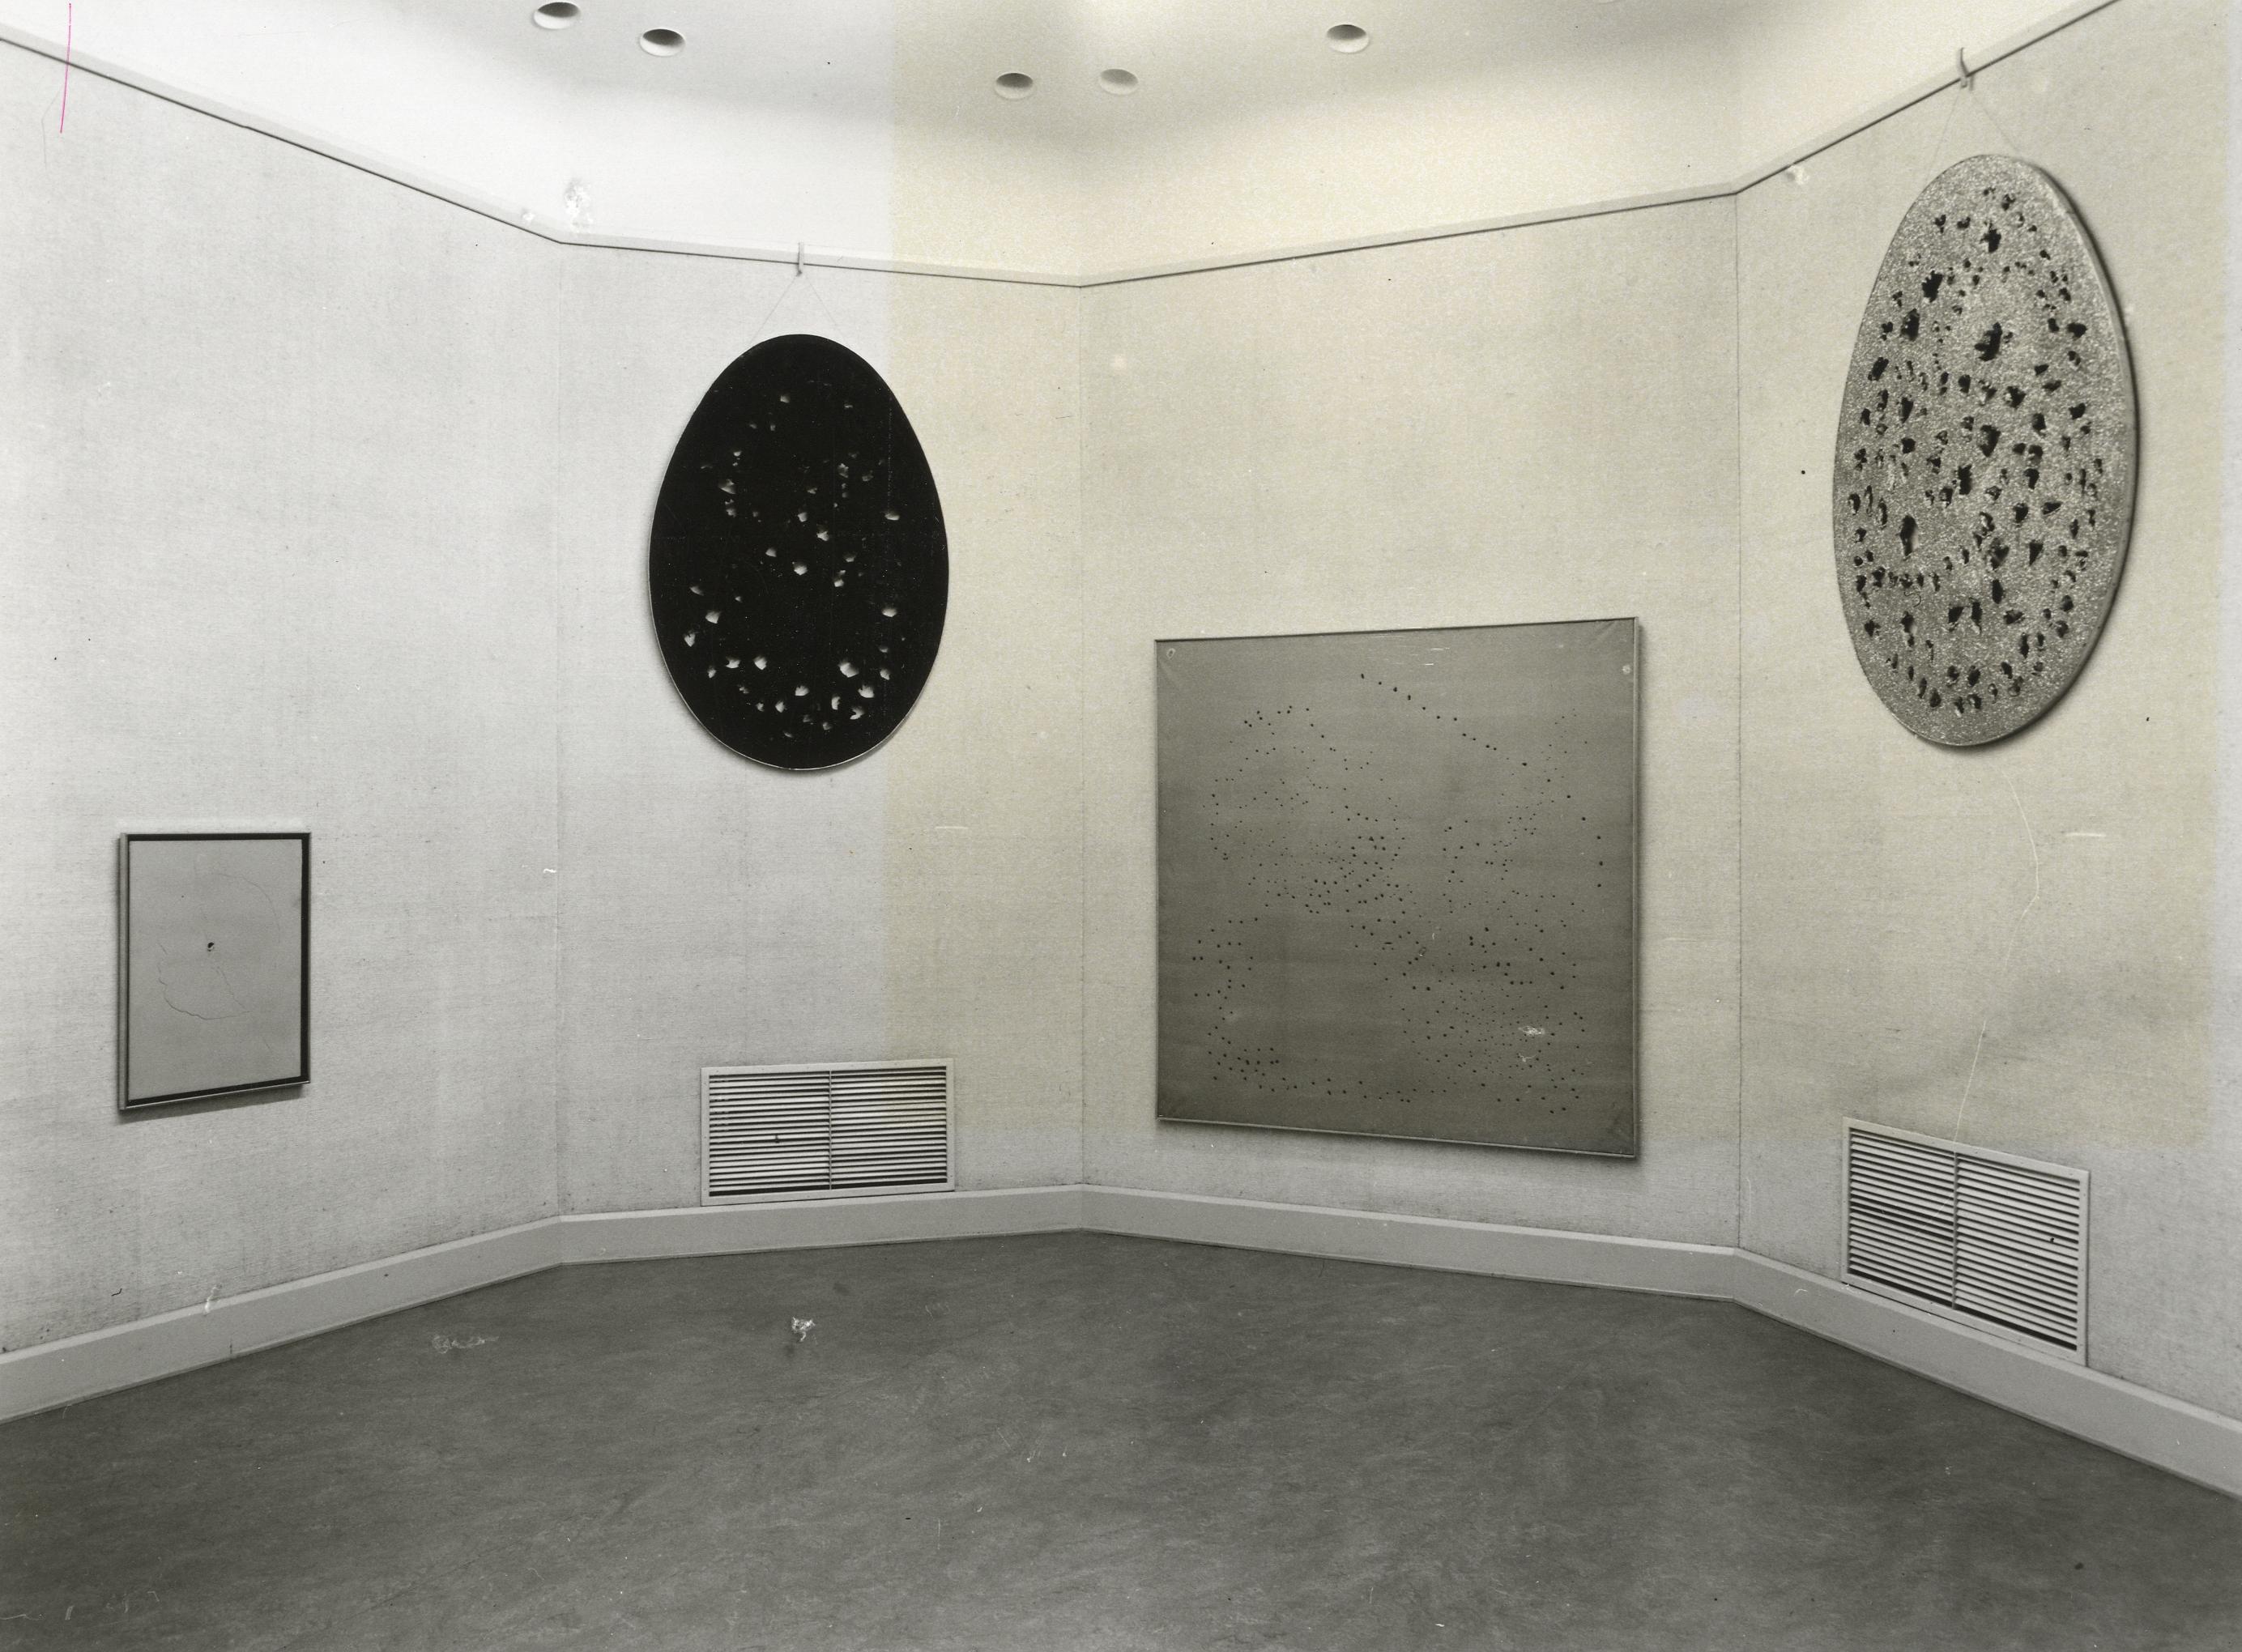 Lucio Fontana : Concetti spaziali